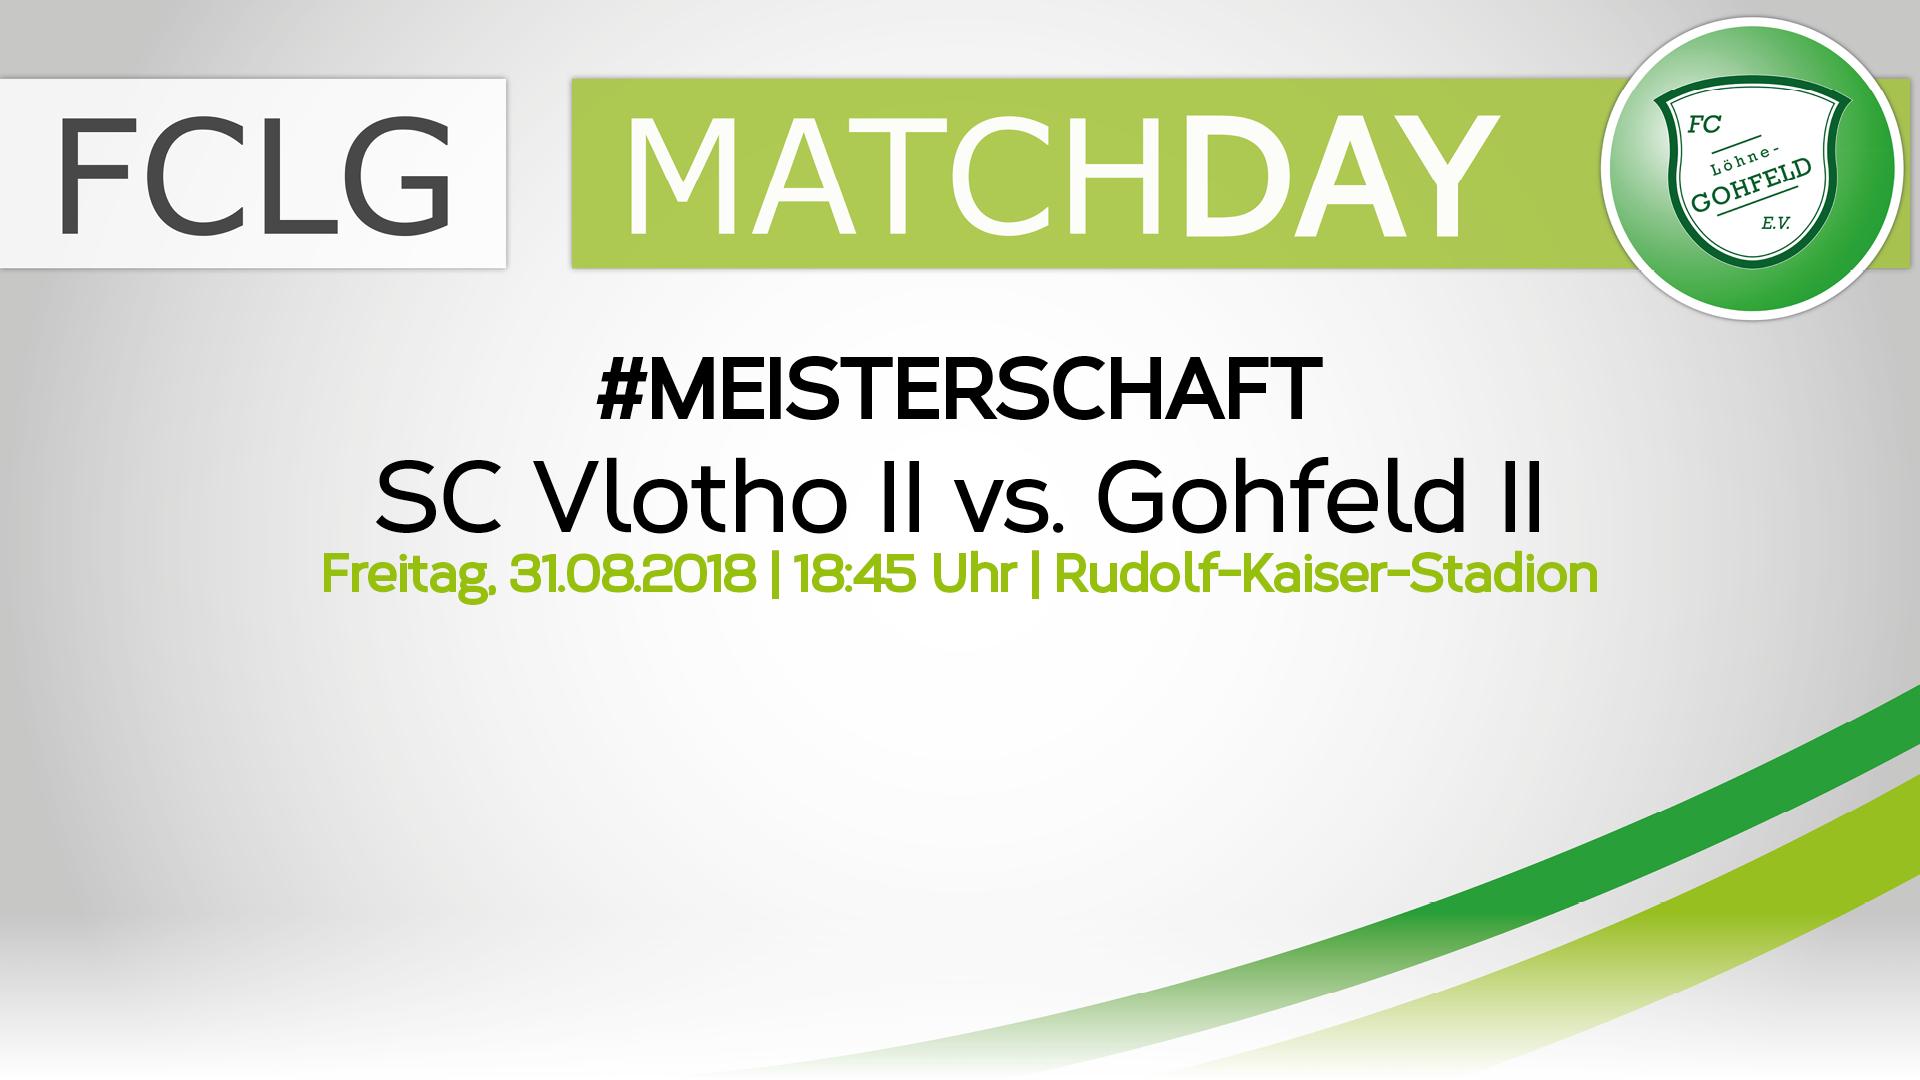 SC Vlotho II vs. Gohfeld II